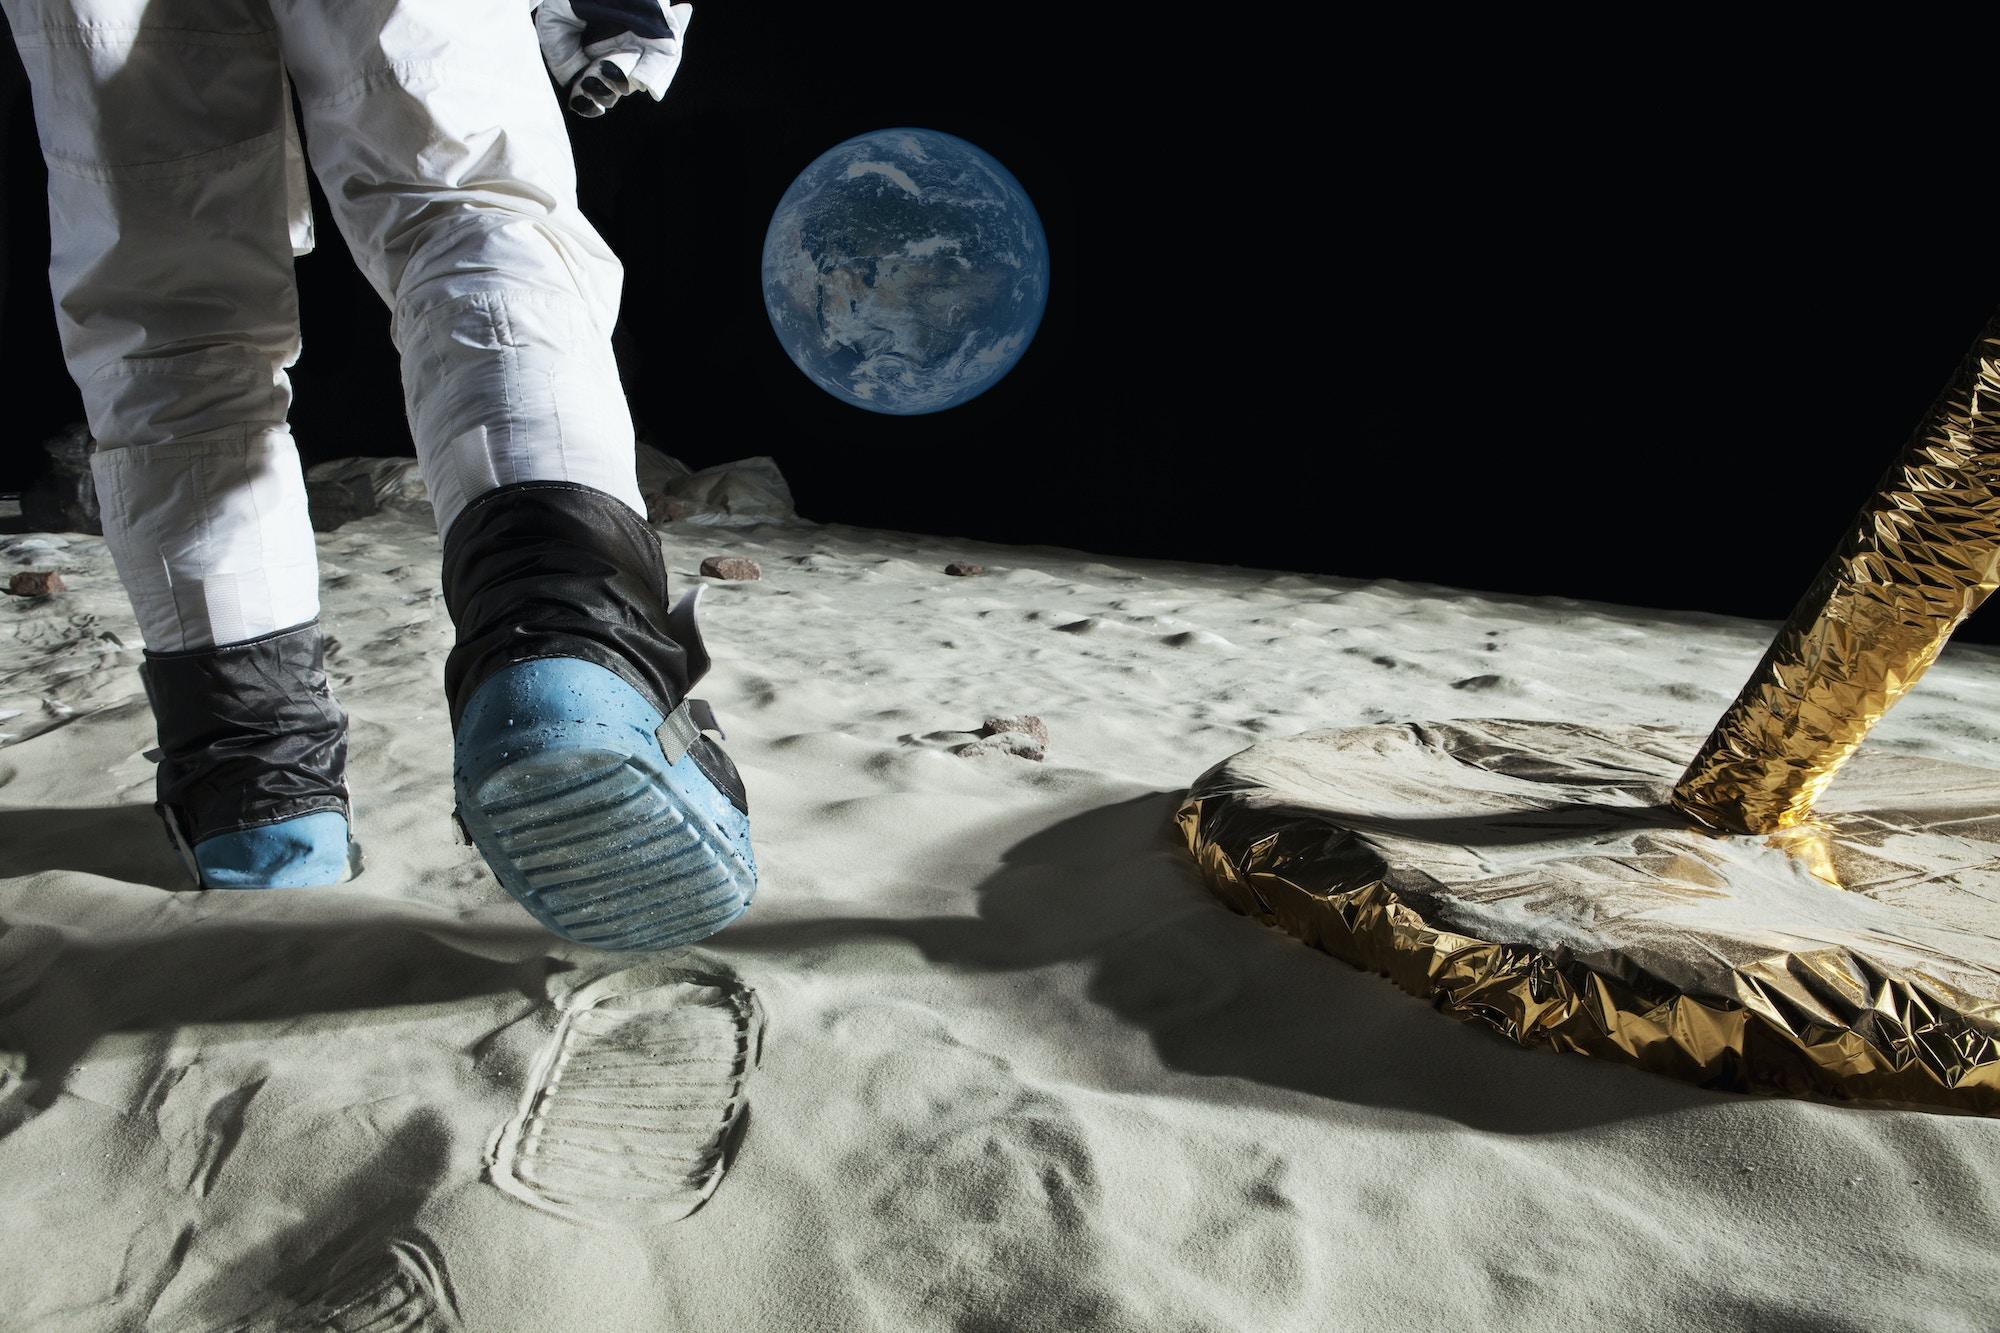 Un astronauta caminando en la Luna con la Tierra elevándose en el fondo